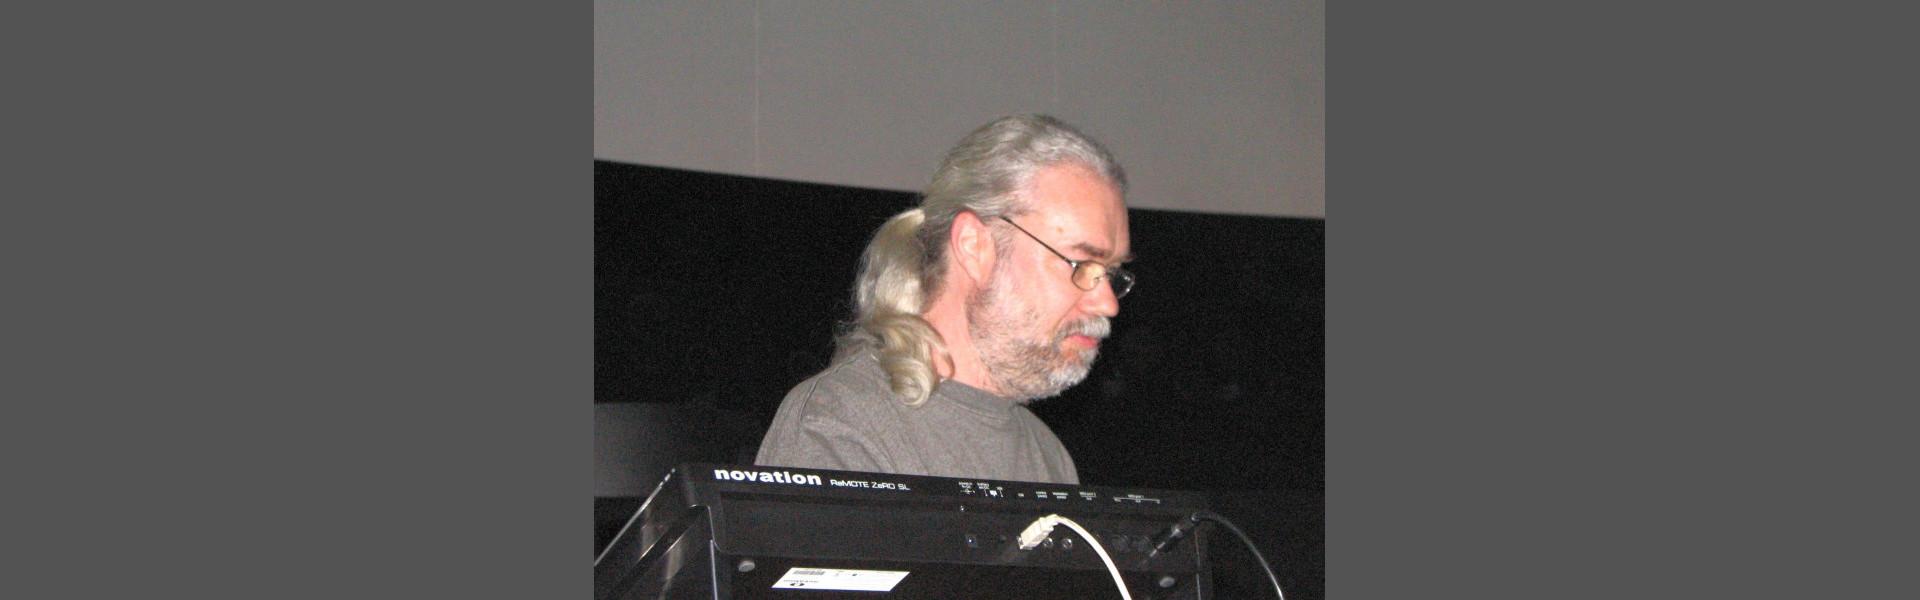 Ian Boddy / Phase3